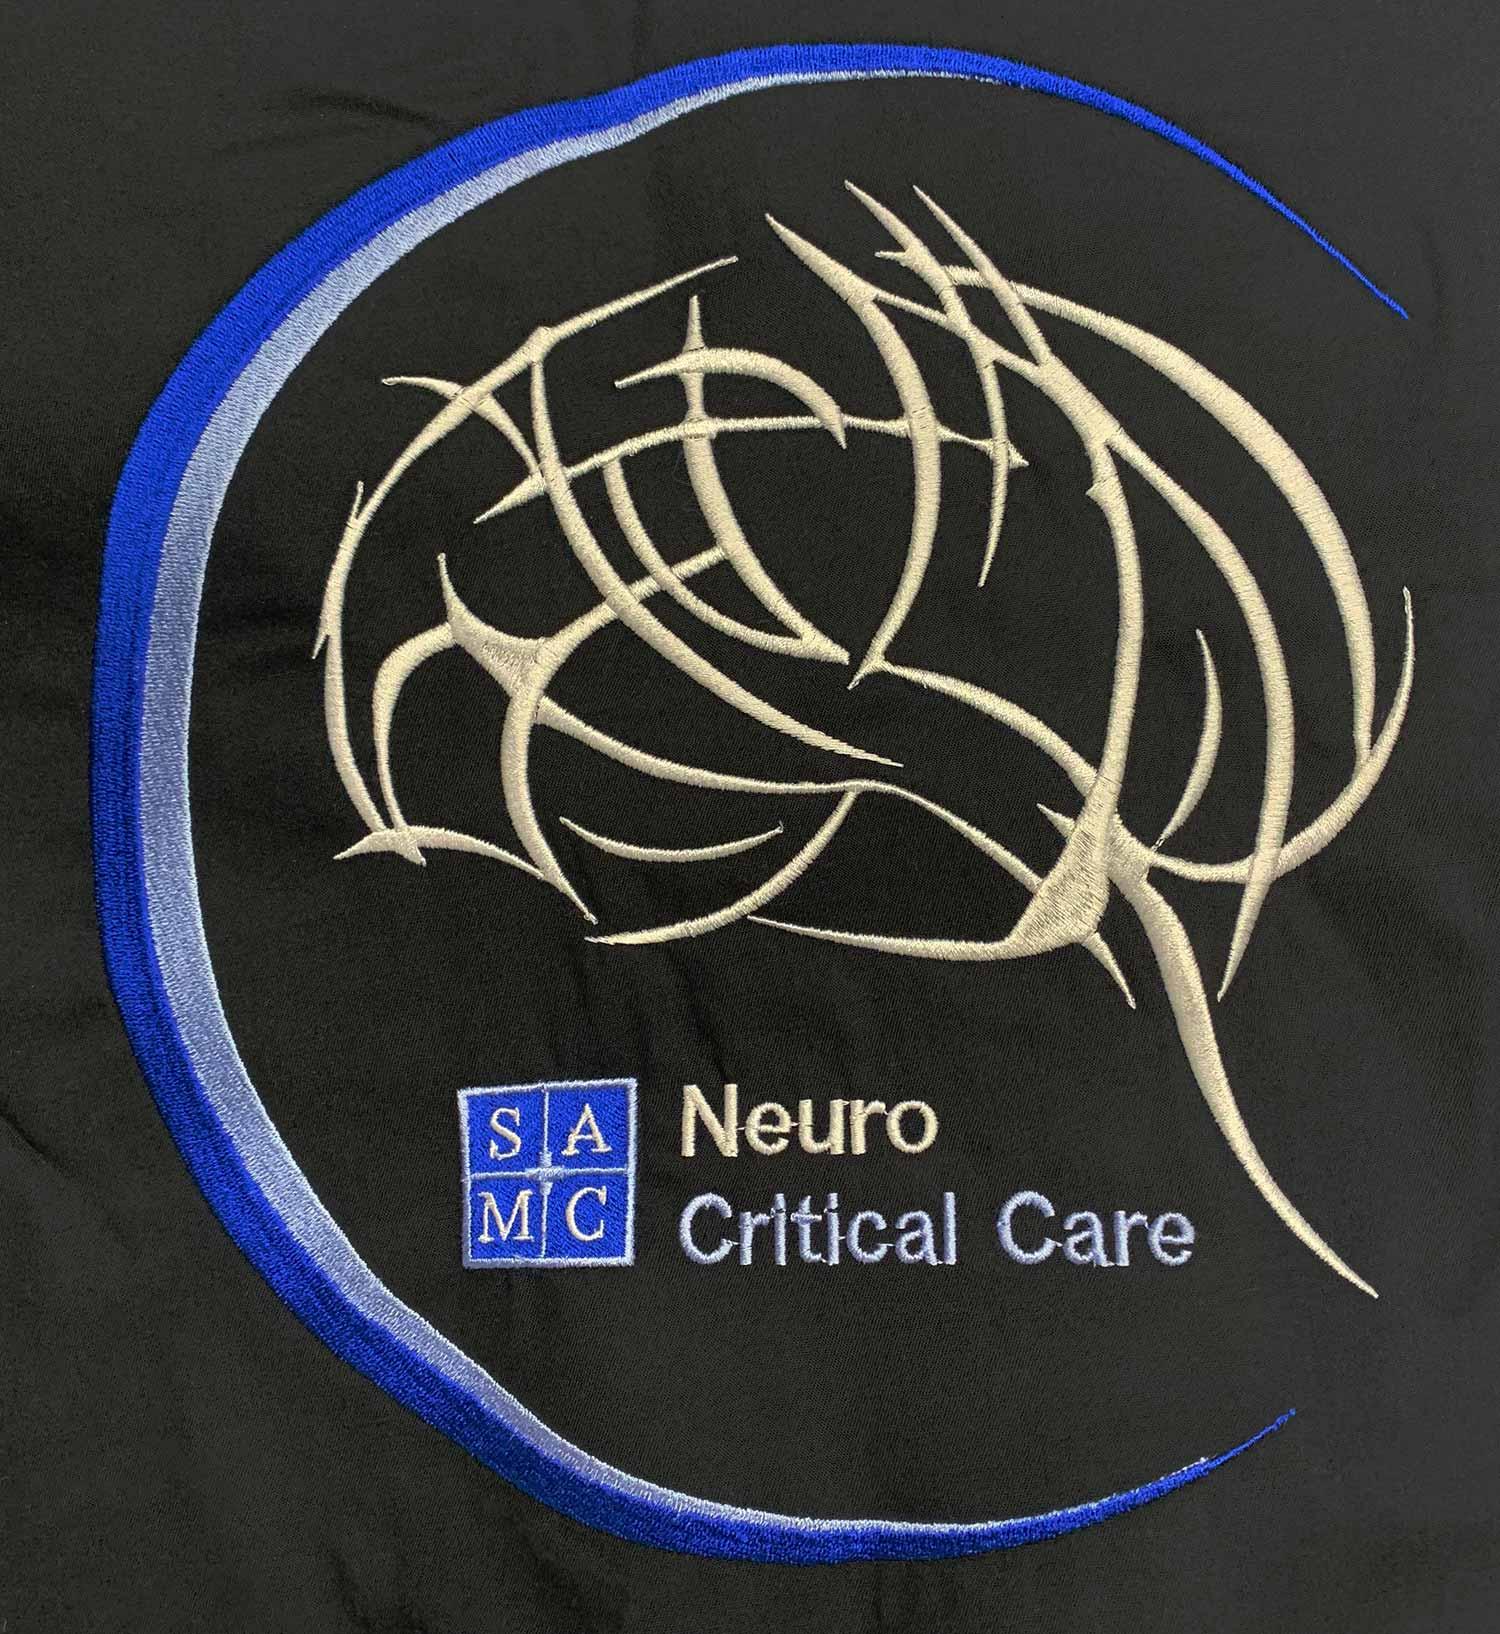 KYC_SAMC-NEURO-CRITICAL-CARE_web.jpg